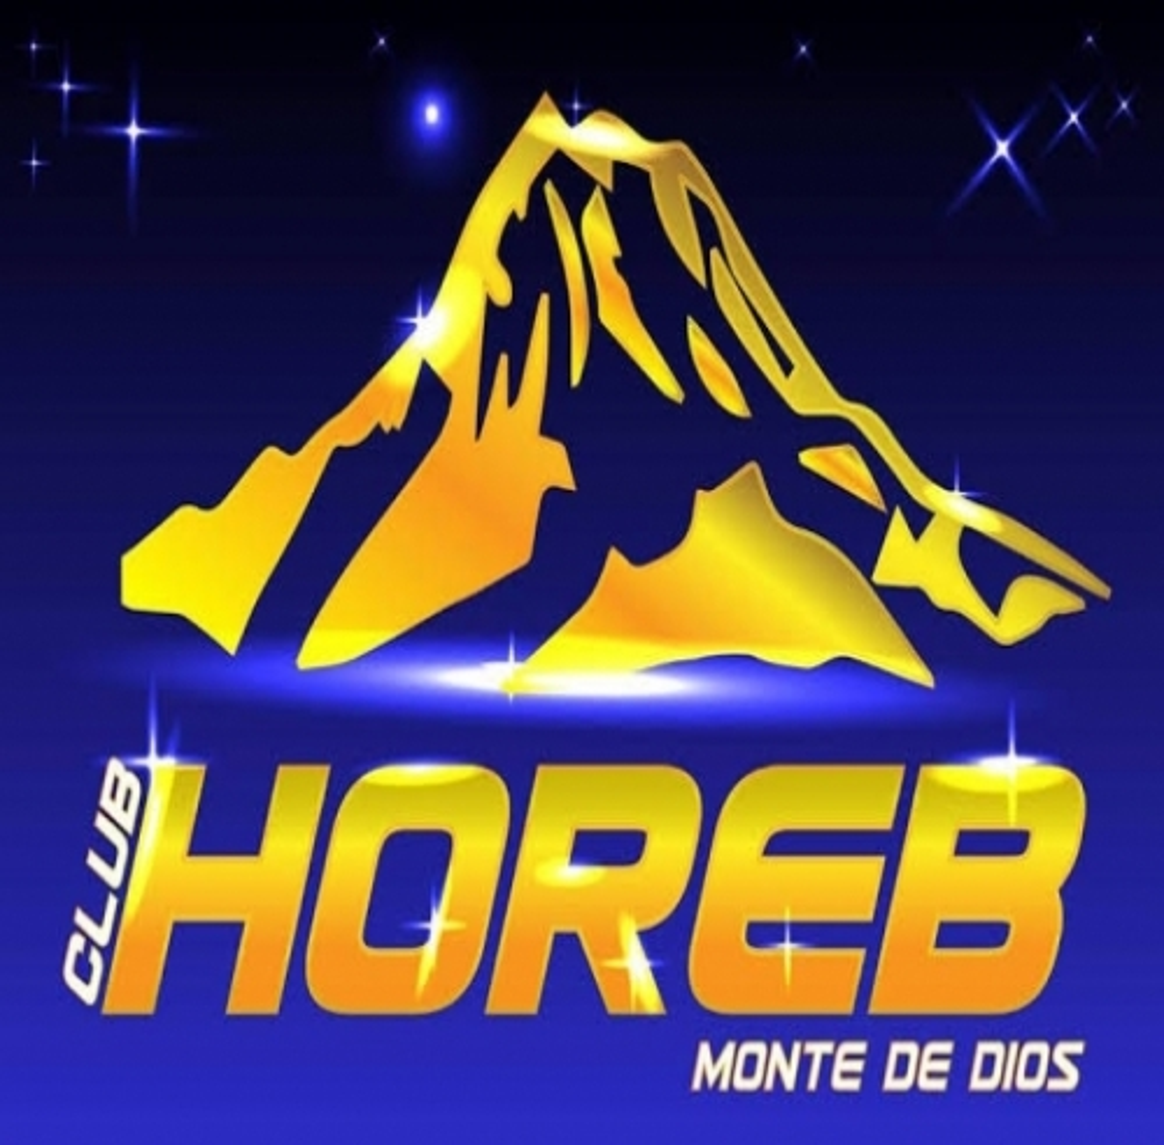 HOREB